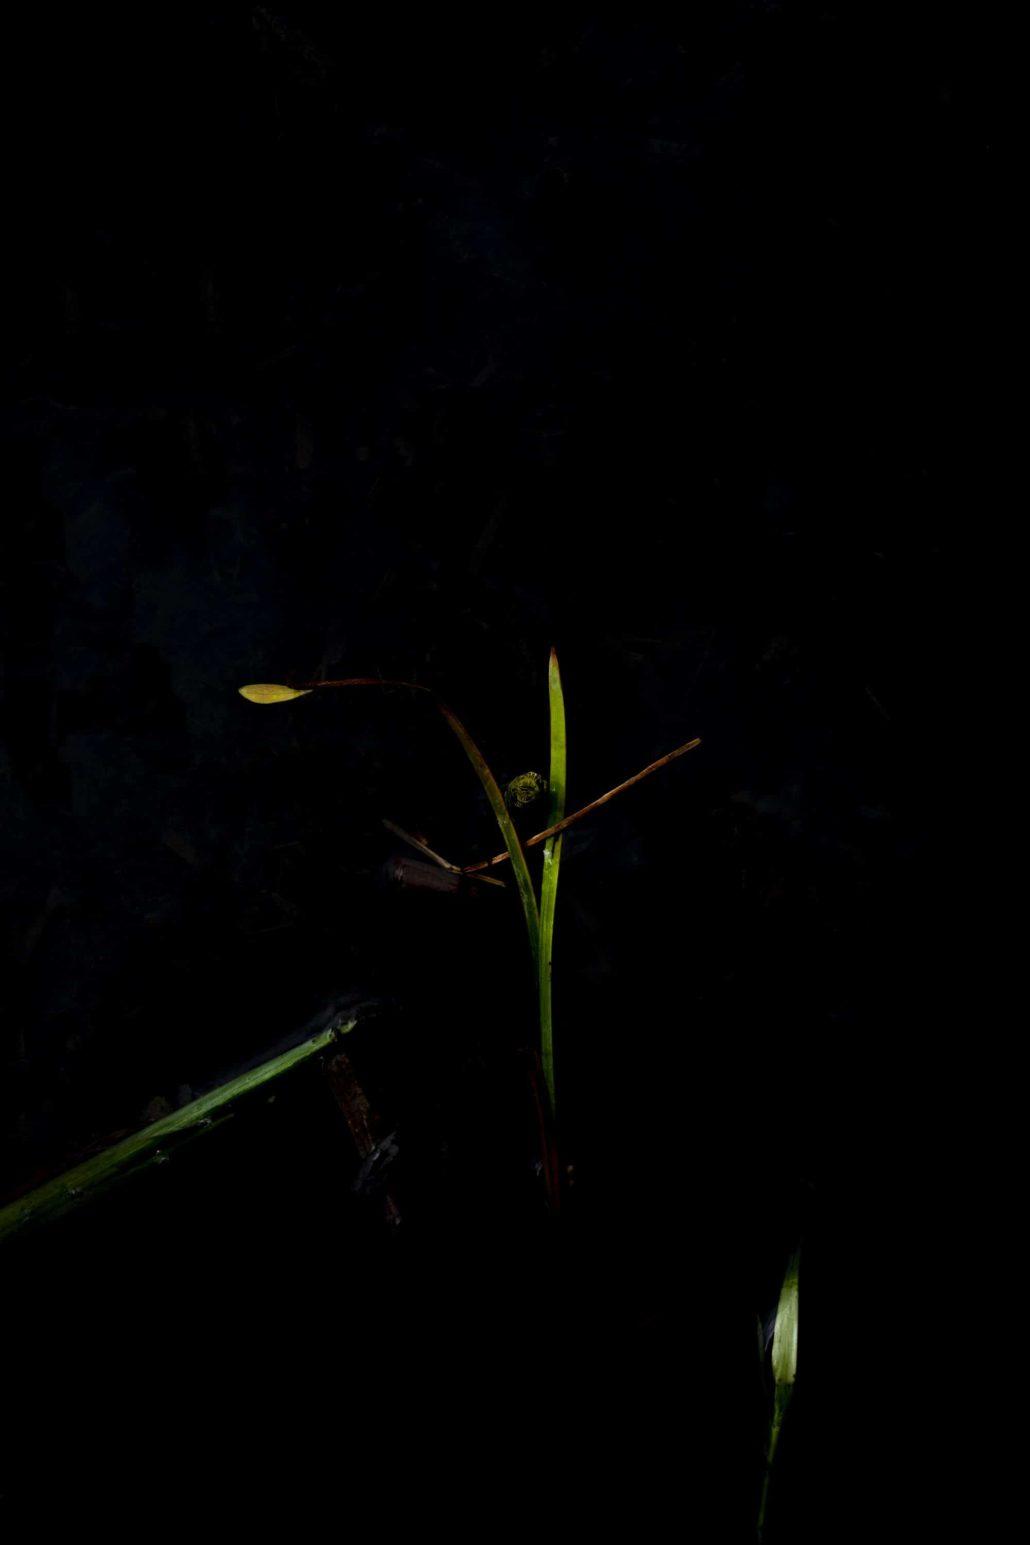 Dans les eaux sombres